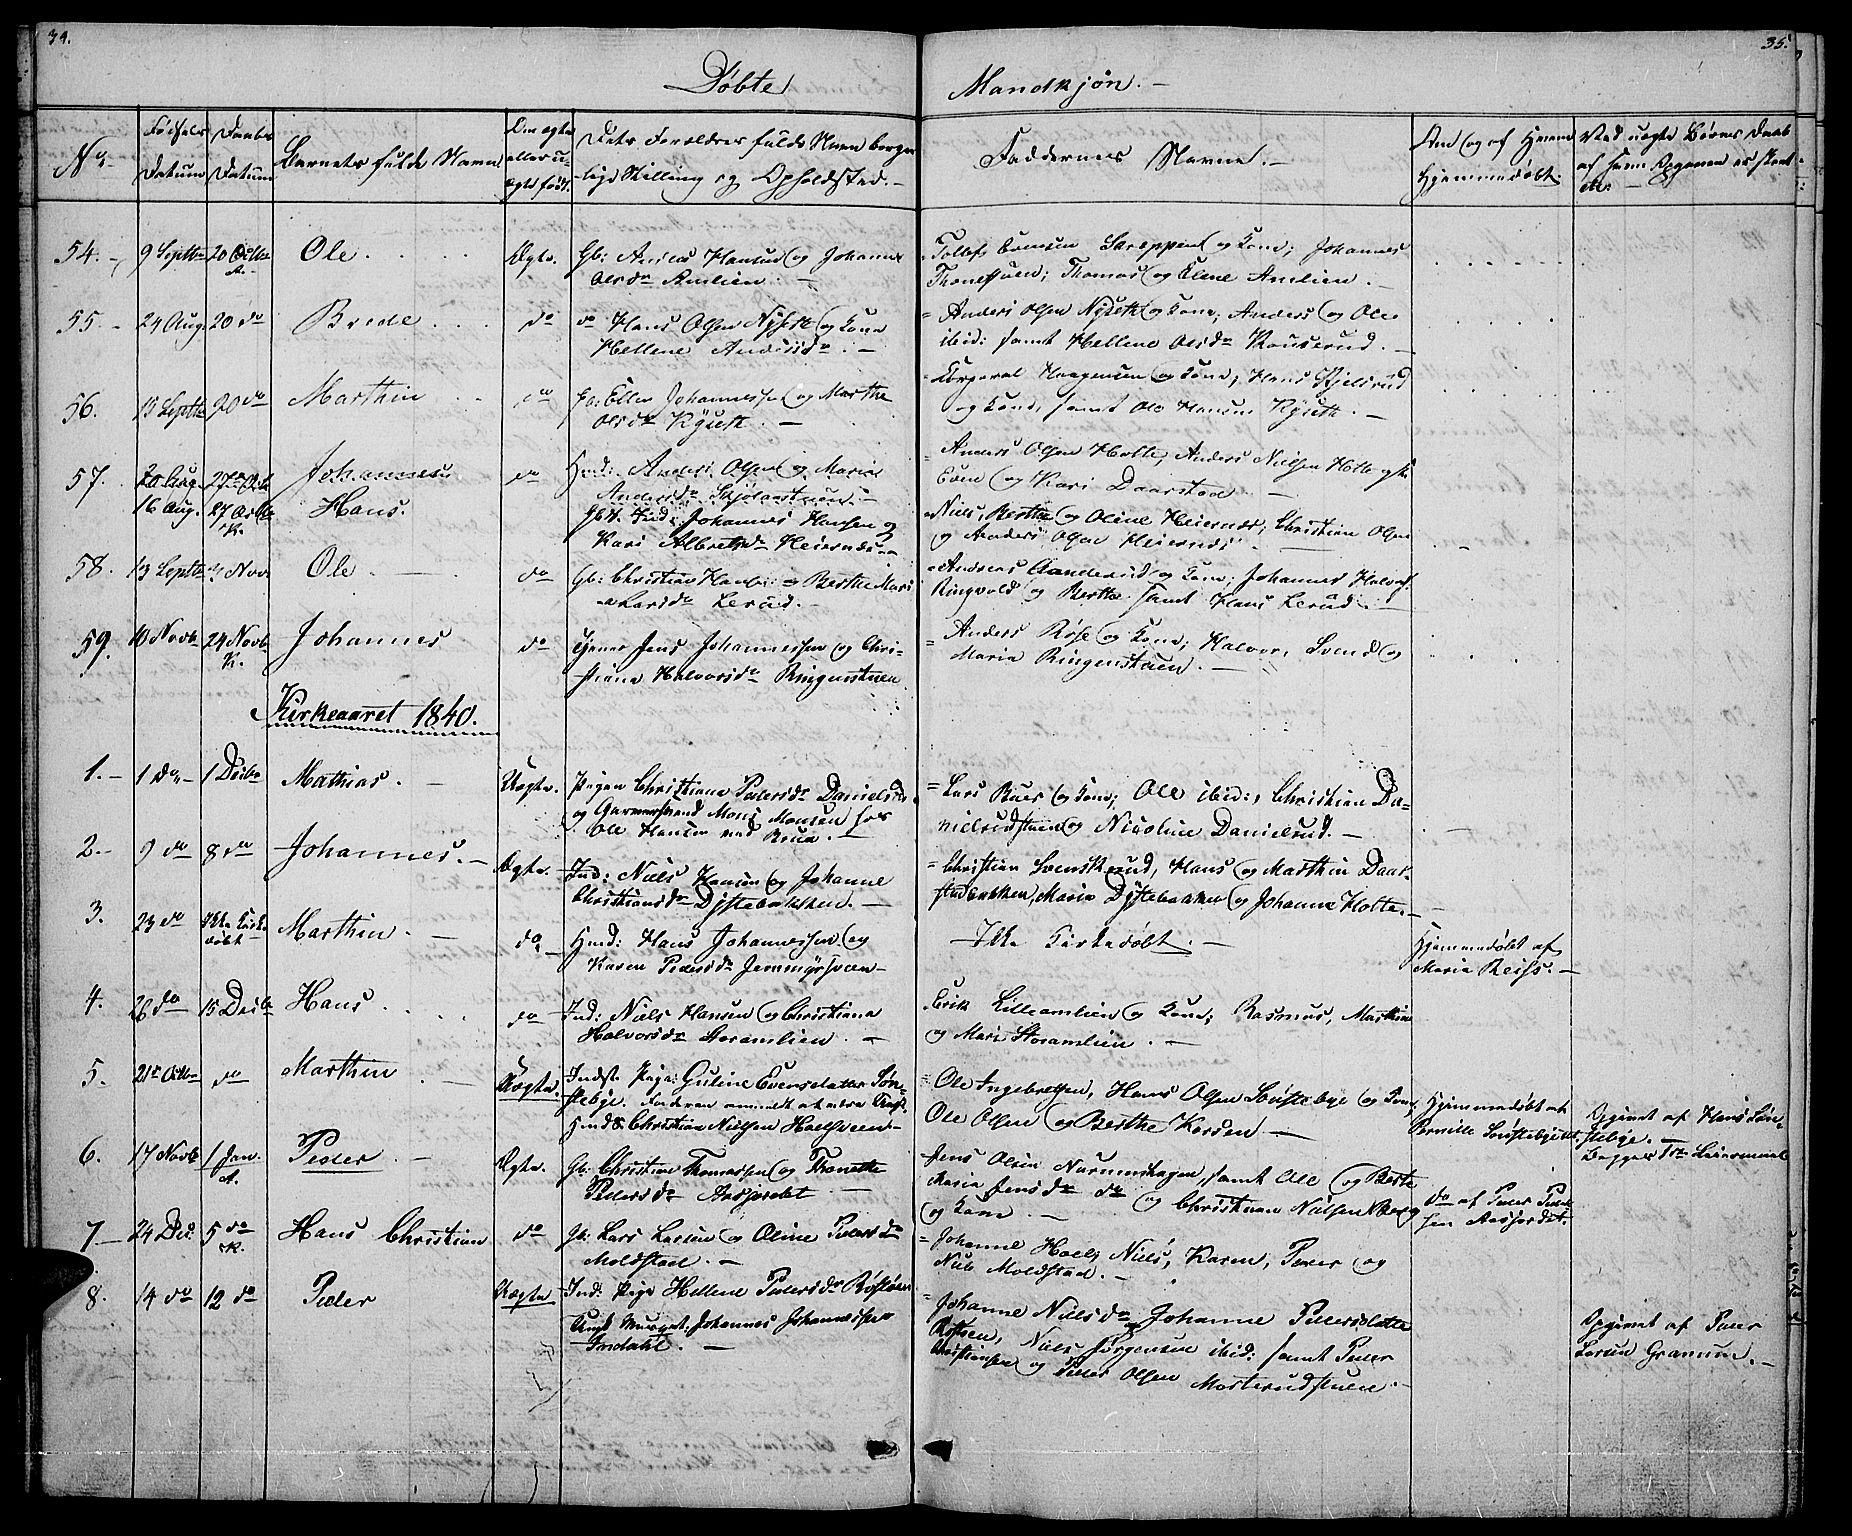 SAH, Vestre Toten prestekontor, Klokkerbok nr. 2, 1836-1848, s. 34-35